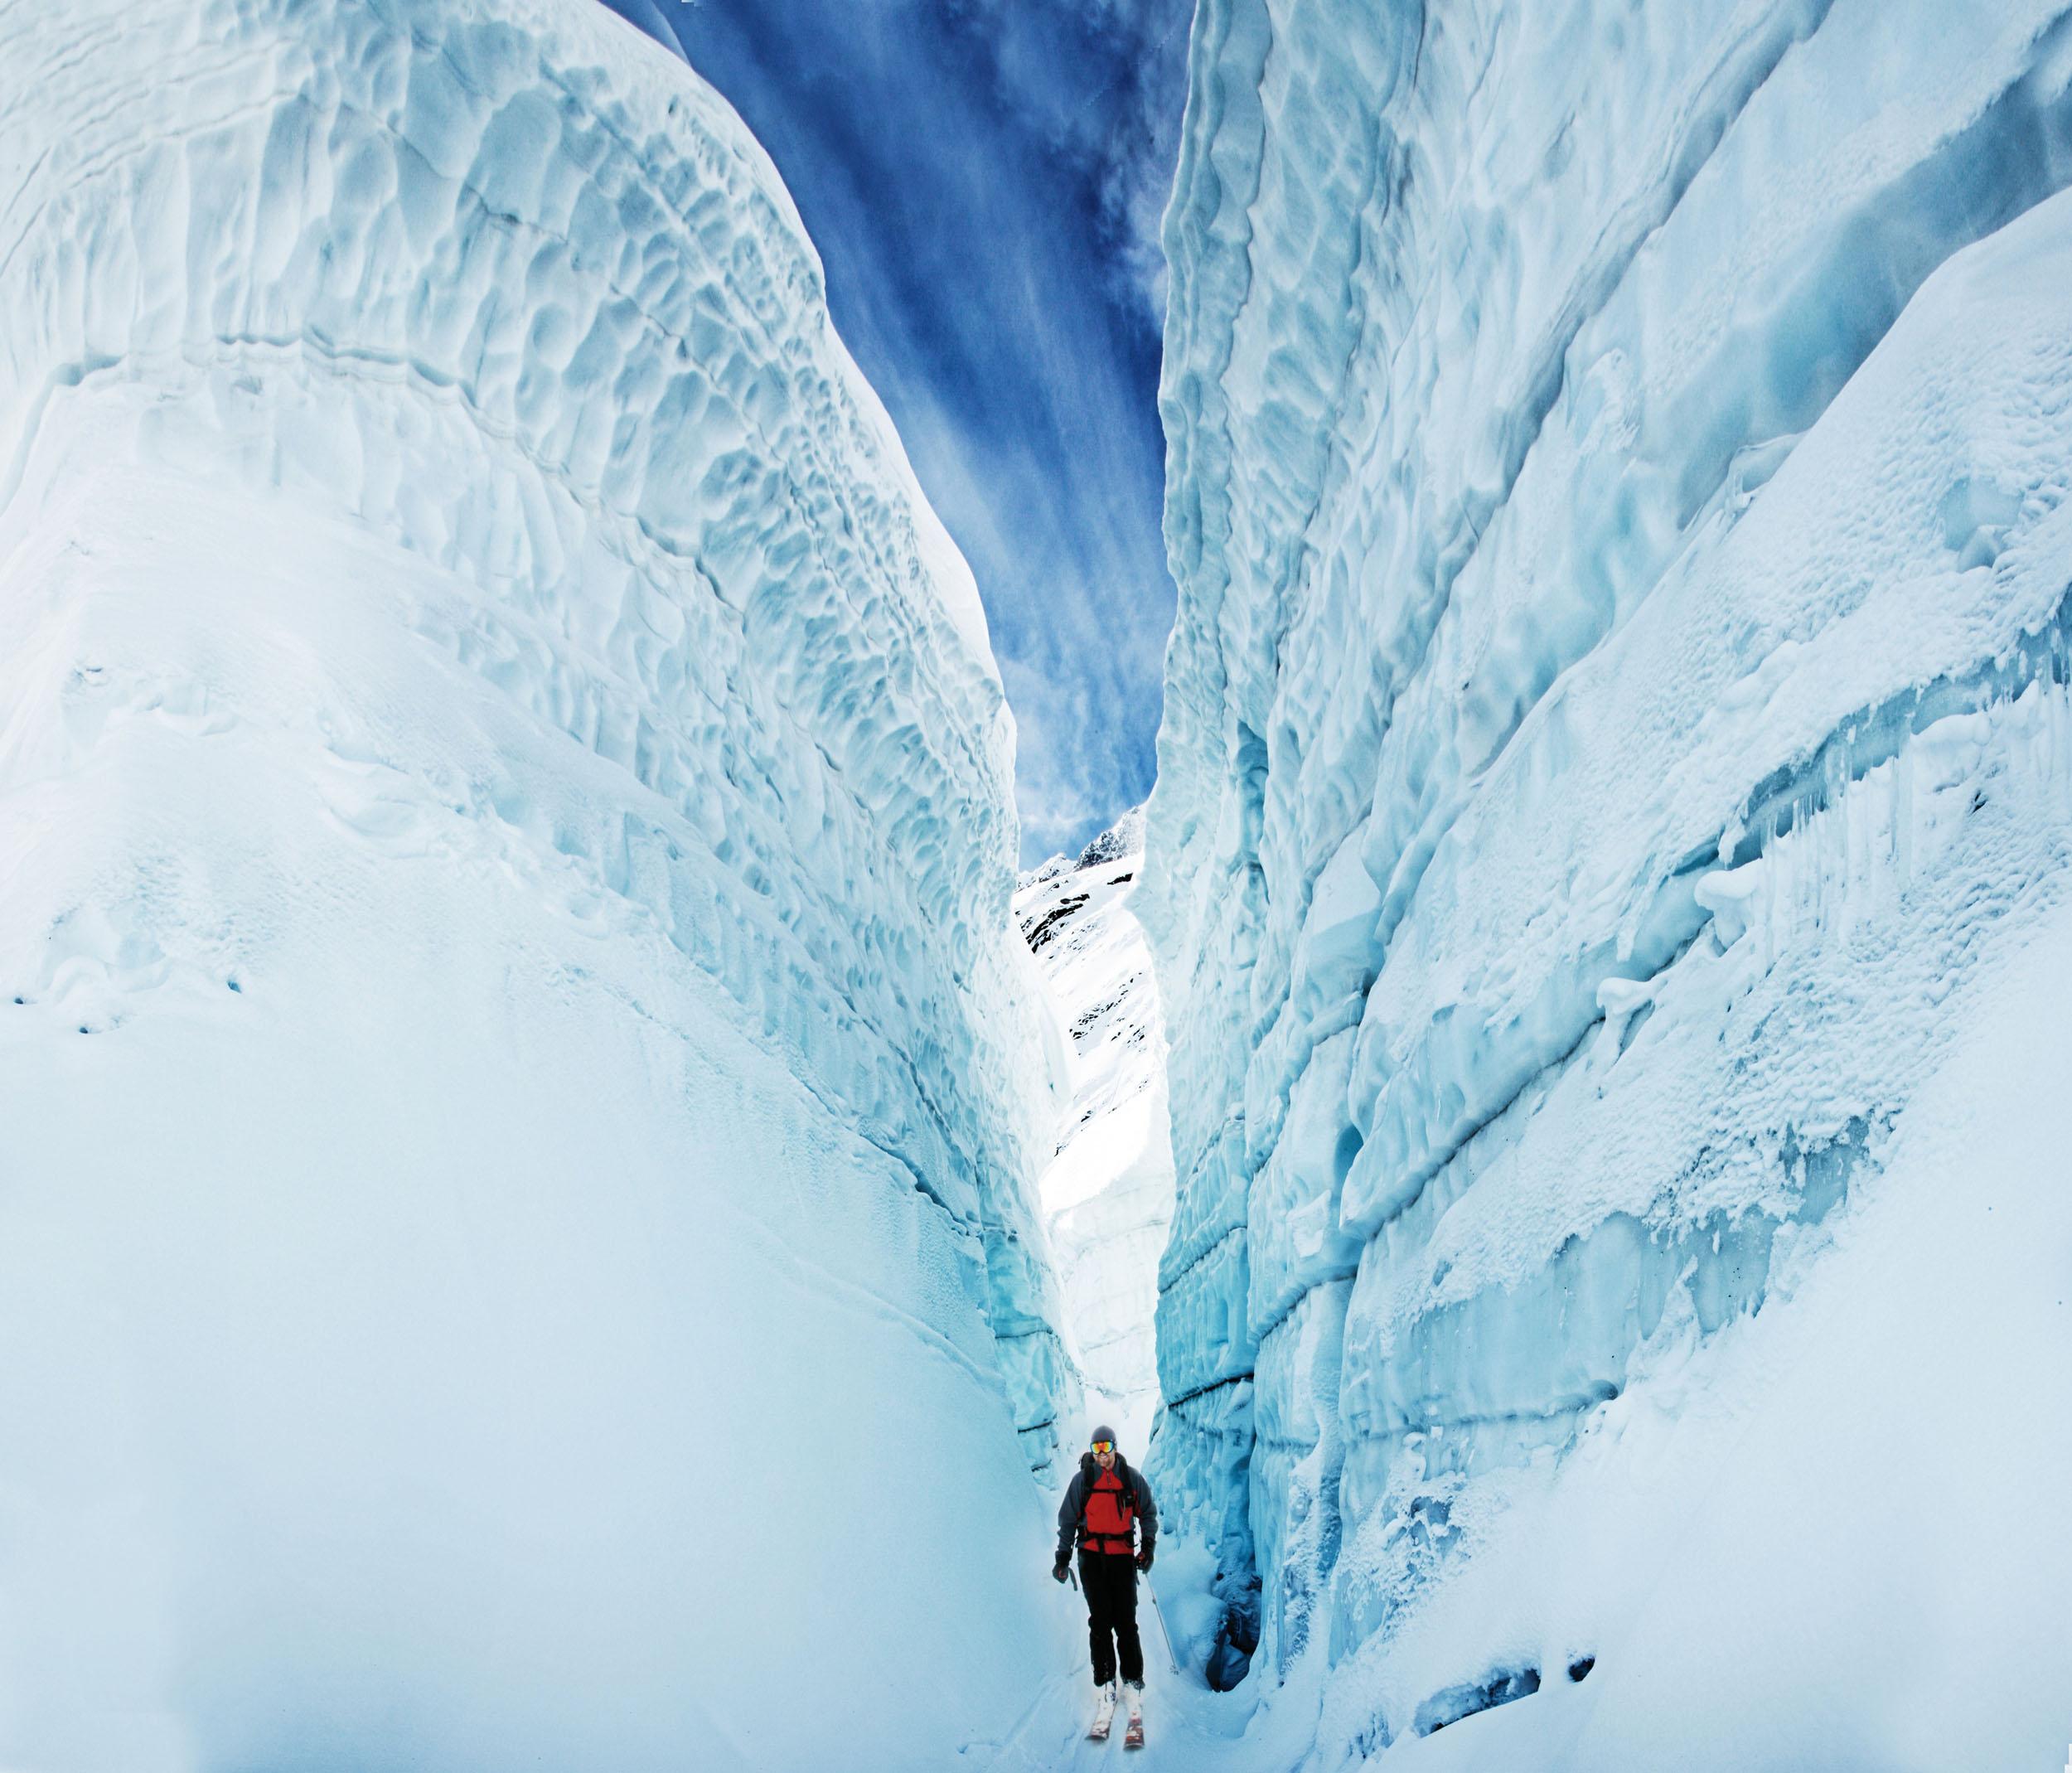 Adrenalinhaltige Zufallsentdeckung: Die befahrbare Gletscherspalte wirkt wie aus einem Bond-Film geklaut. © Archiv Larry Dolecki